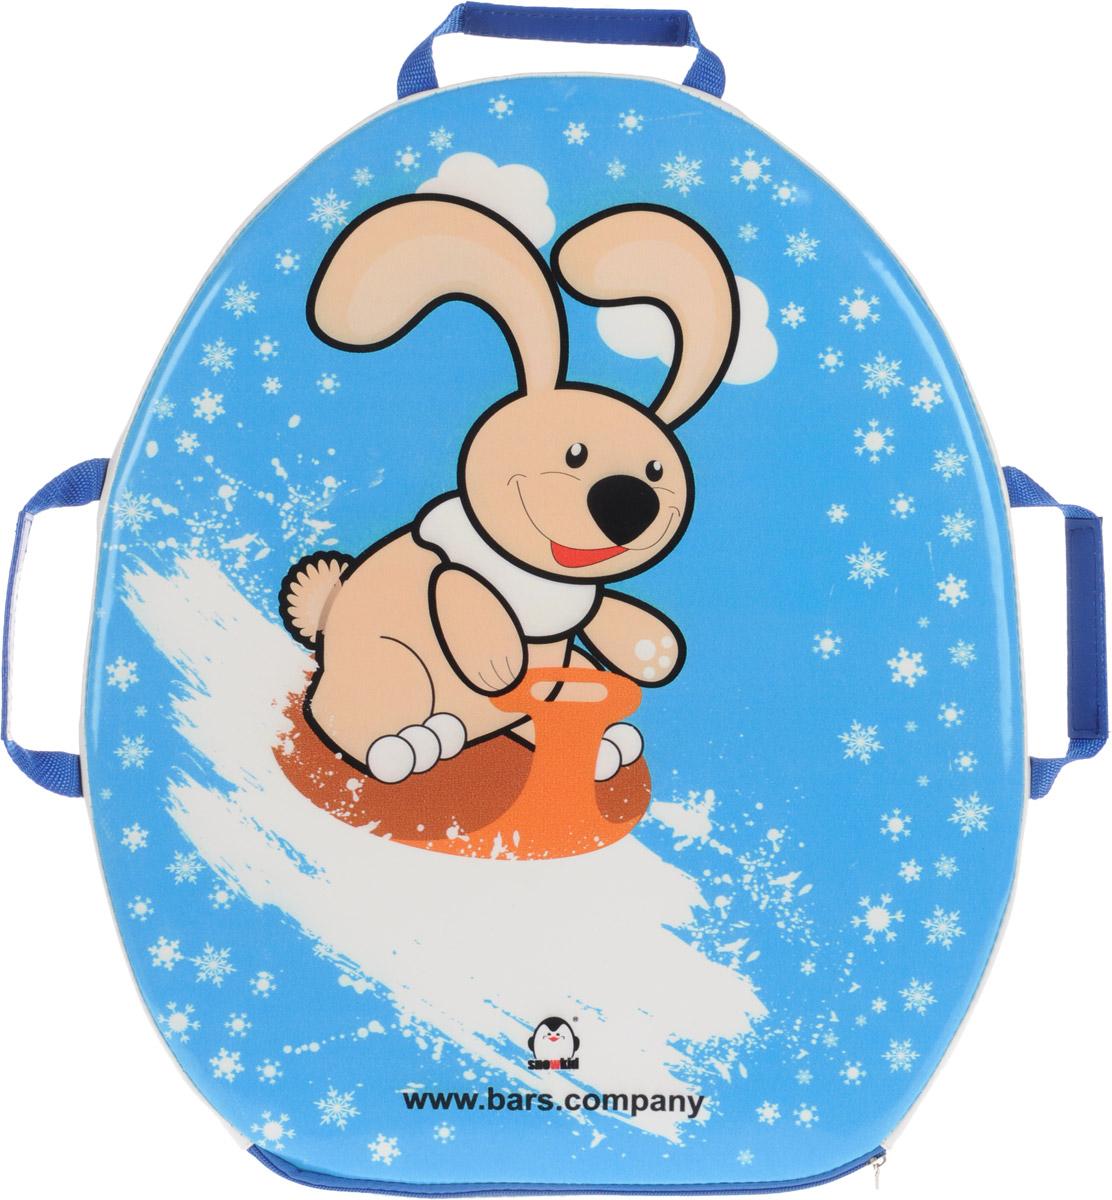 Санки-ледянка Snowkid, цвет: белый, голубой, 50 х 40 х 5 см338491Санки-ледянка Snowkid - отличный вариант для веселого и безопасного спуска с заснеженных гор. Ледянка сконструирована так, что прекрасно сглаживает неровности снежного или ледяного покрова склона. Используемые для ее изготовления материалы очень прочны, что позволит пользоваться ей не один год. Изделие снабжено удобными и прочными ручками.